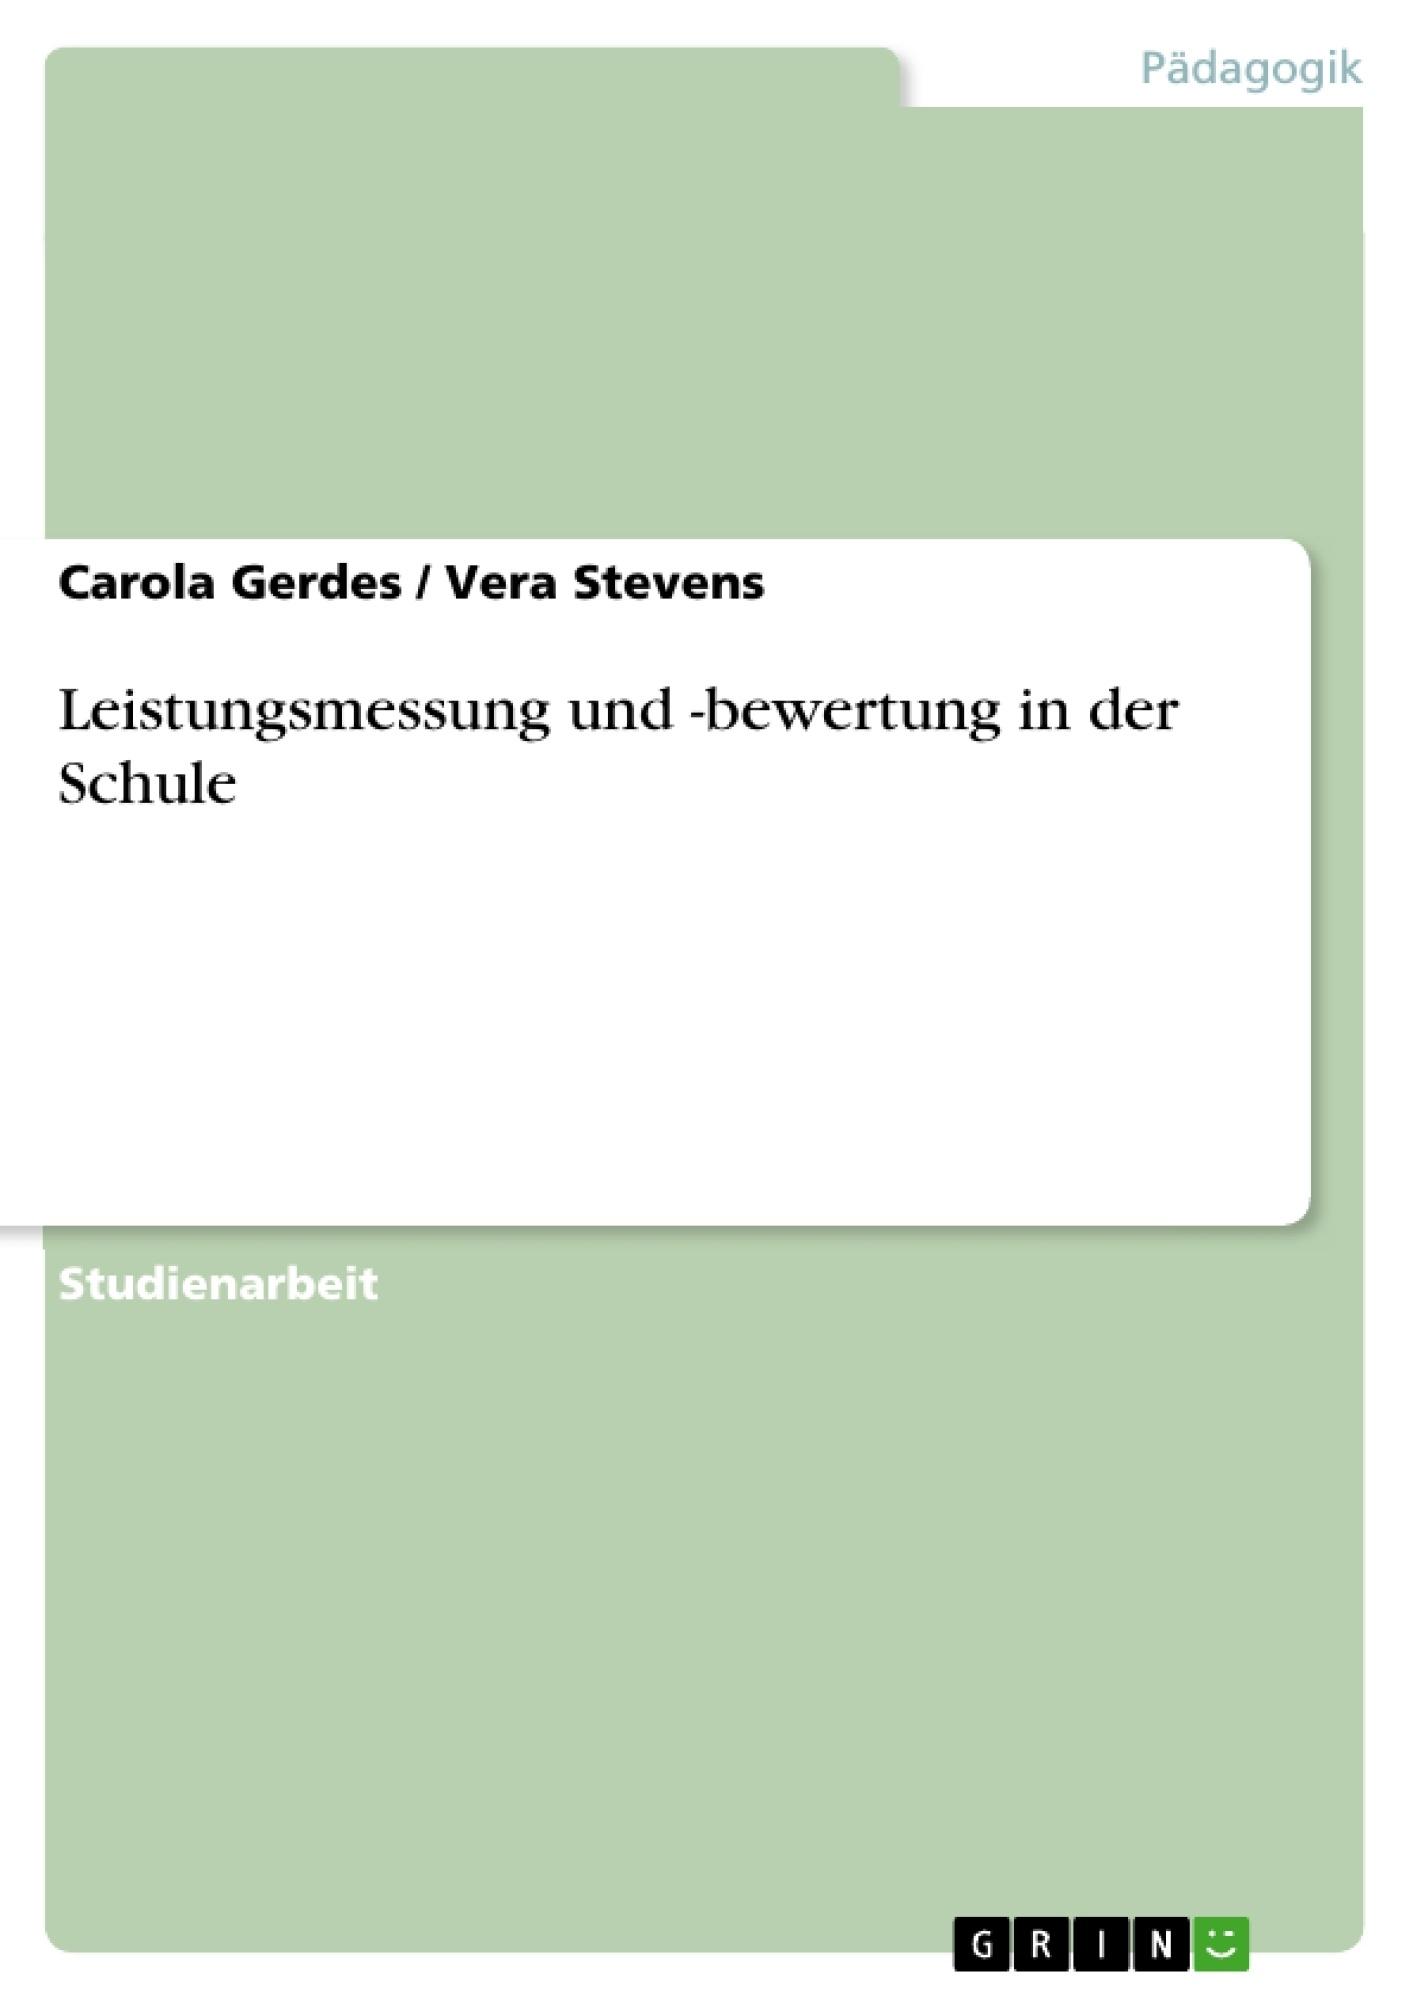 Leistungsmessung und -bewertung in der Schule | Masterarbeit ...